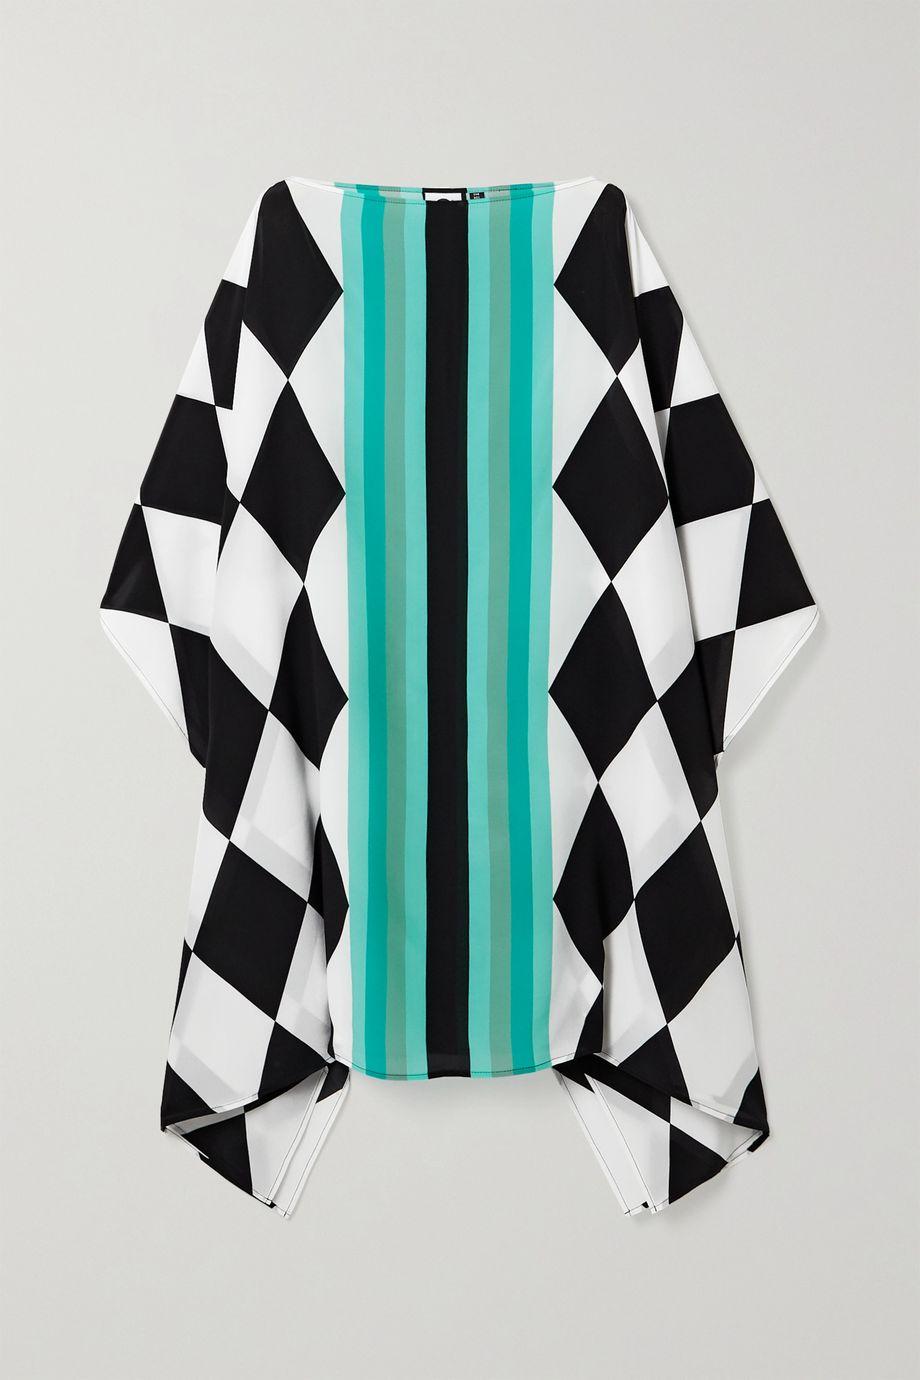 Louisa Parris Harlequin printed silk crepe de chine dress